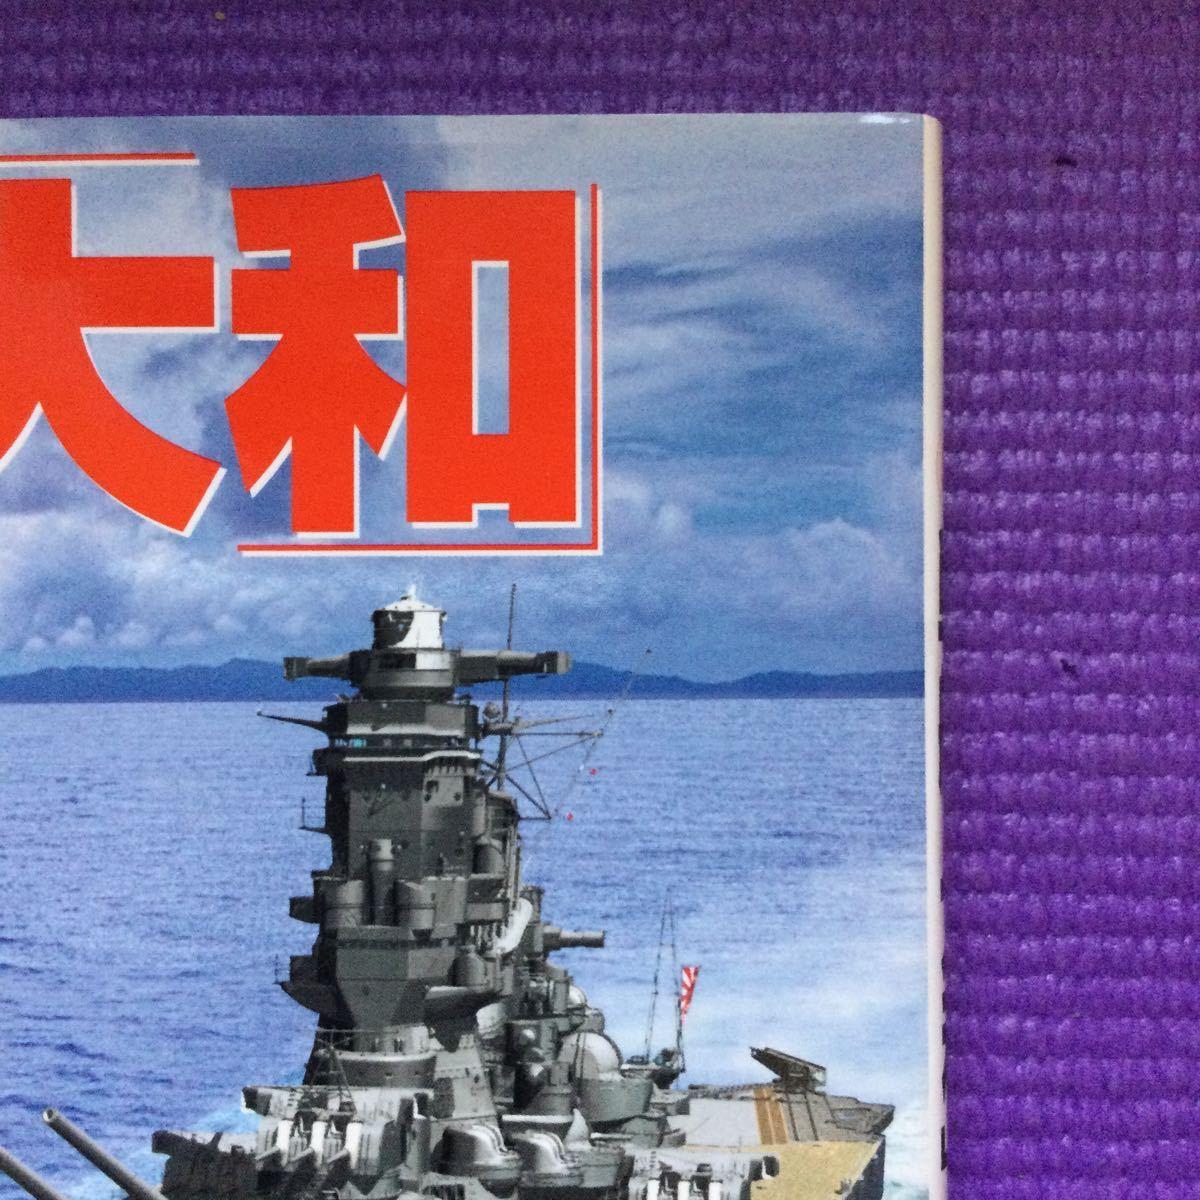 学研 歴史群像太平洋戦史シリーズvol.50 戦艦「大和」中古美品 太平洋 学研 歴史群像 世界の傑作機 モデルアート 世界の艦船 _画像3